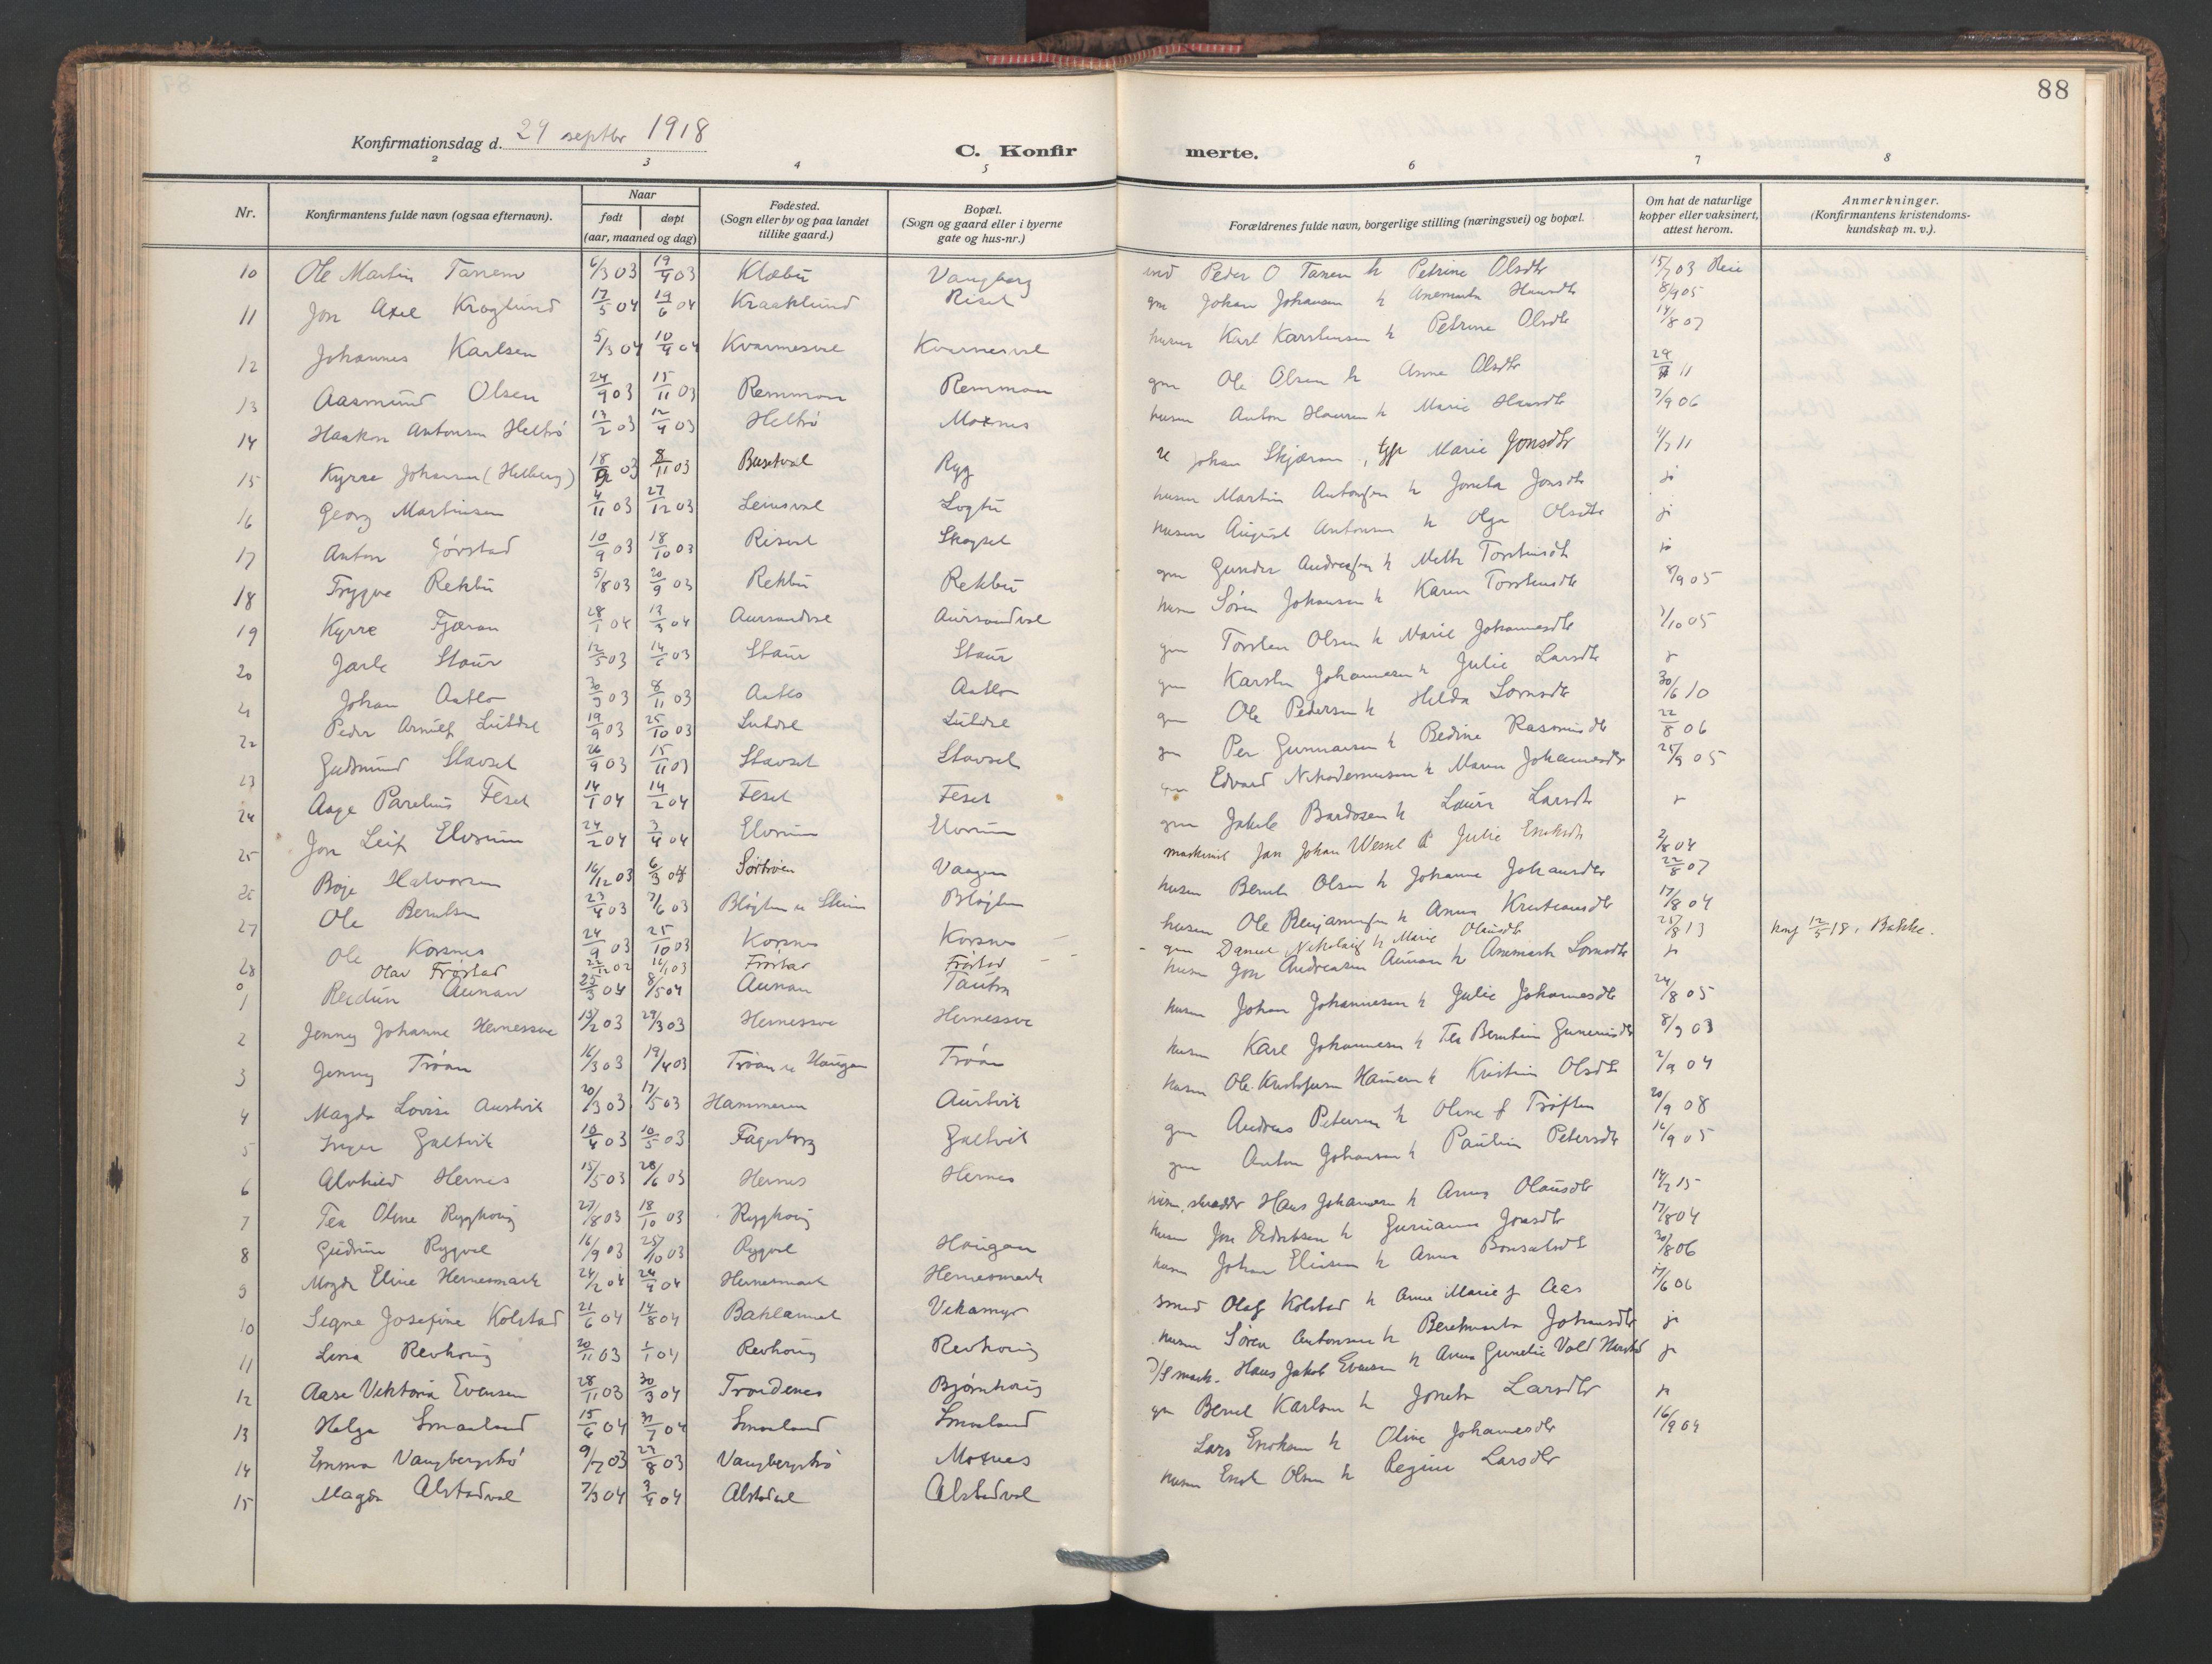 SAT, Ministerialprotokoller, klokkerbøker og fødselsregistre - Nord-Trøndelag, 713/L0123: Ministerialbok nr. 713A12, 1911-1925, s. 88